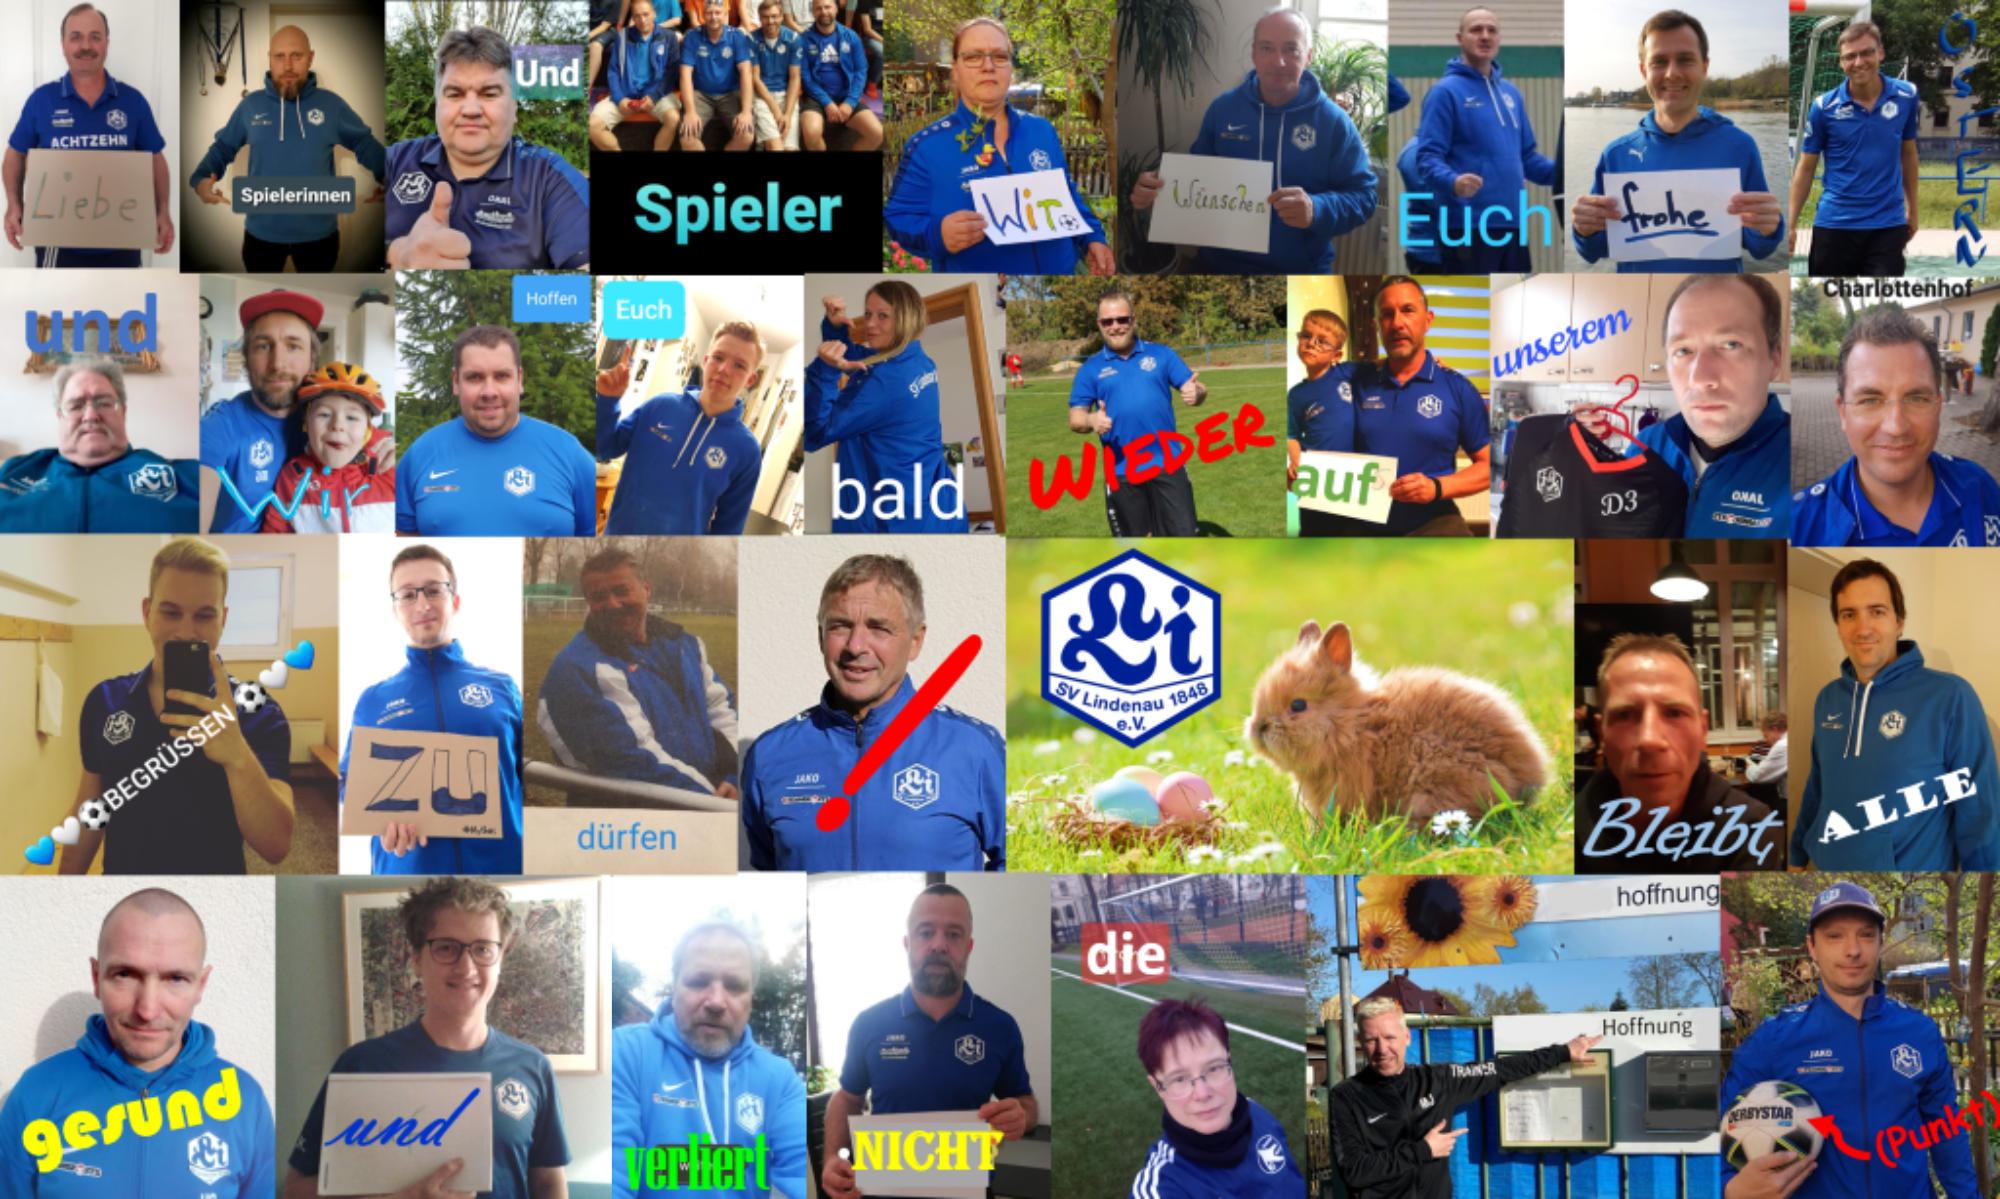 SV Lindenau 1848 - Fußball -